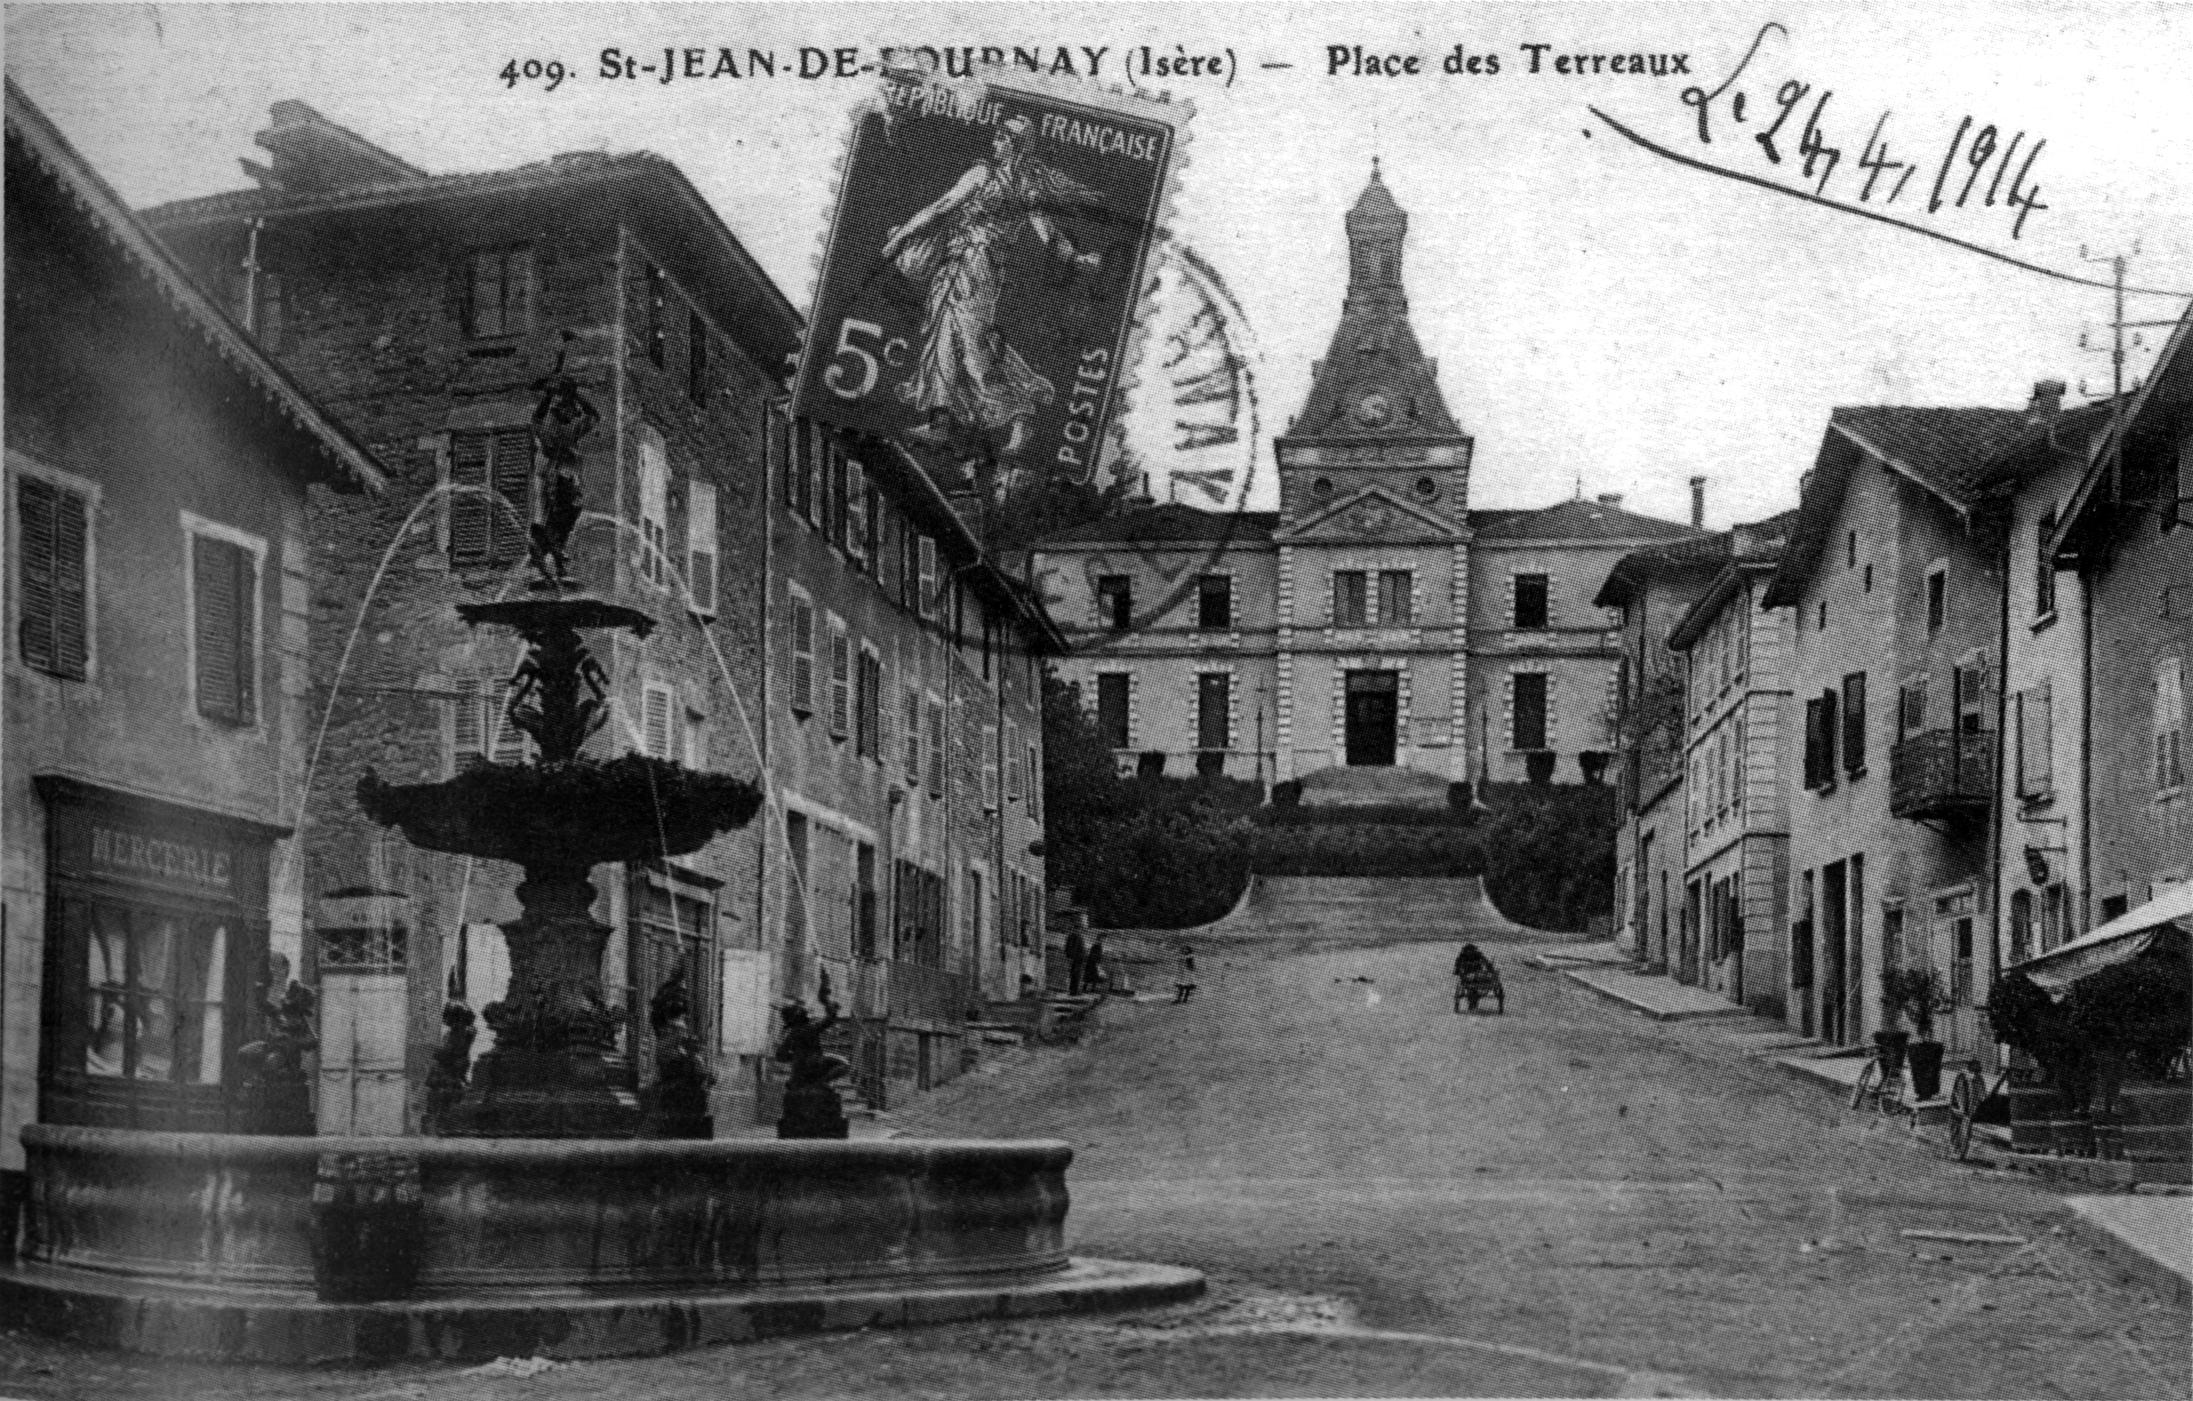 file saint jean de bournay place de terreaux 1914 p205 de l 39 is re les 533. Black Bedroom Furniture Sets. Home Design Ideas